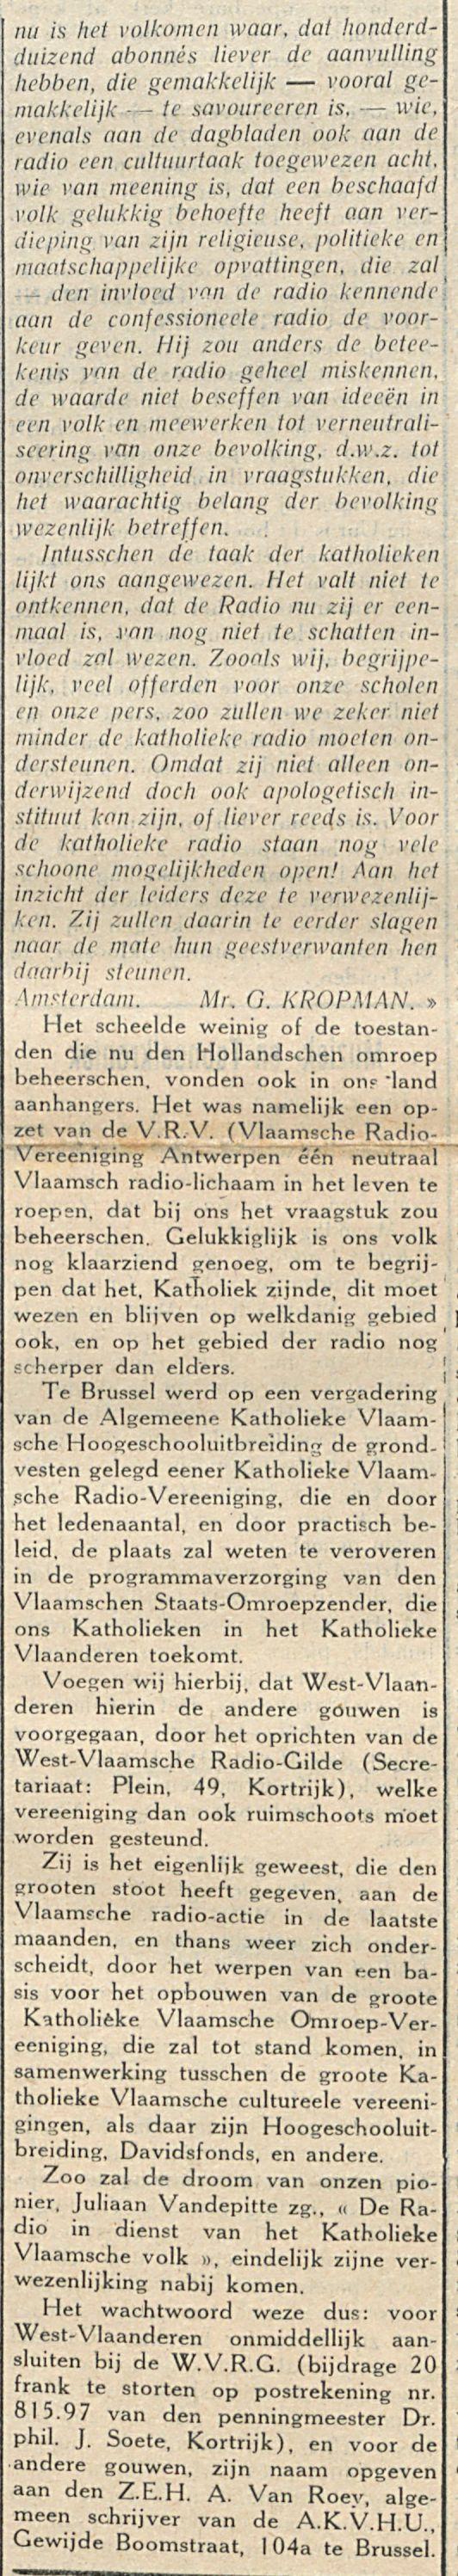 De katholieken en de radio-2